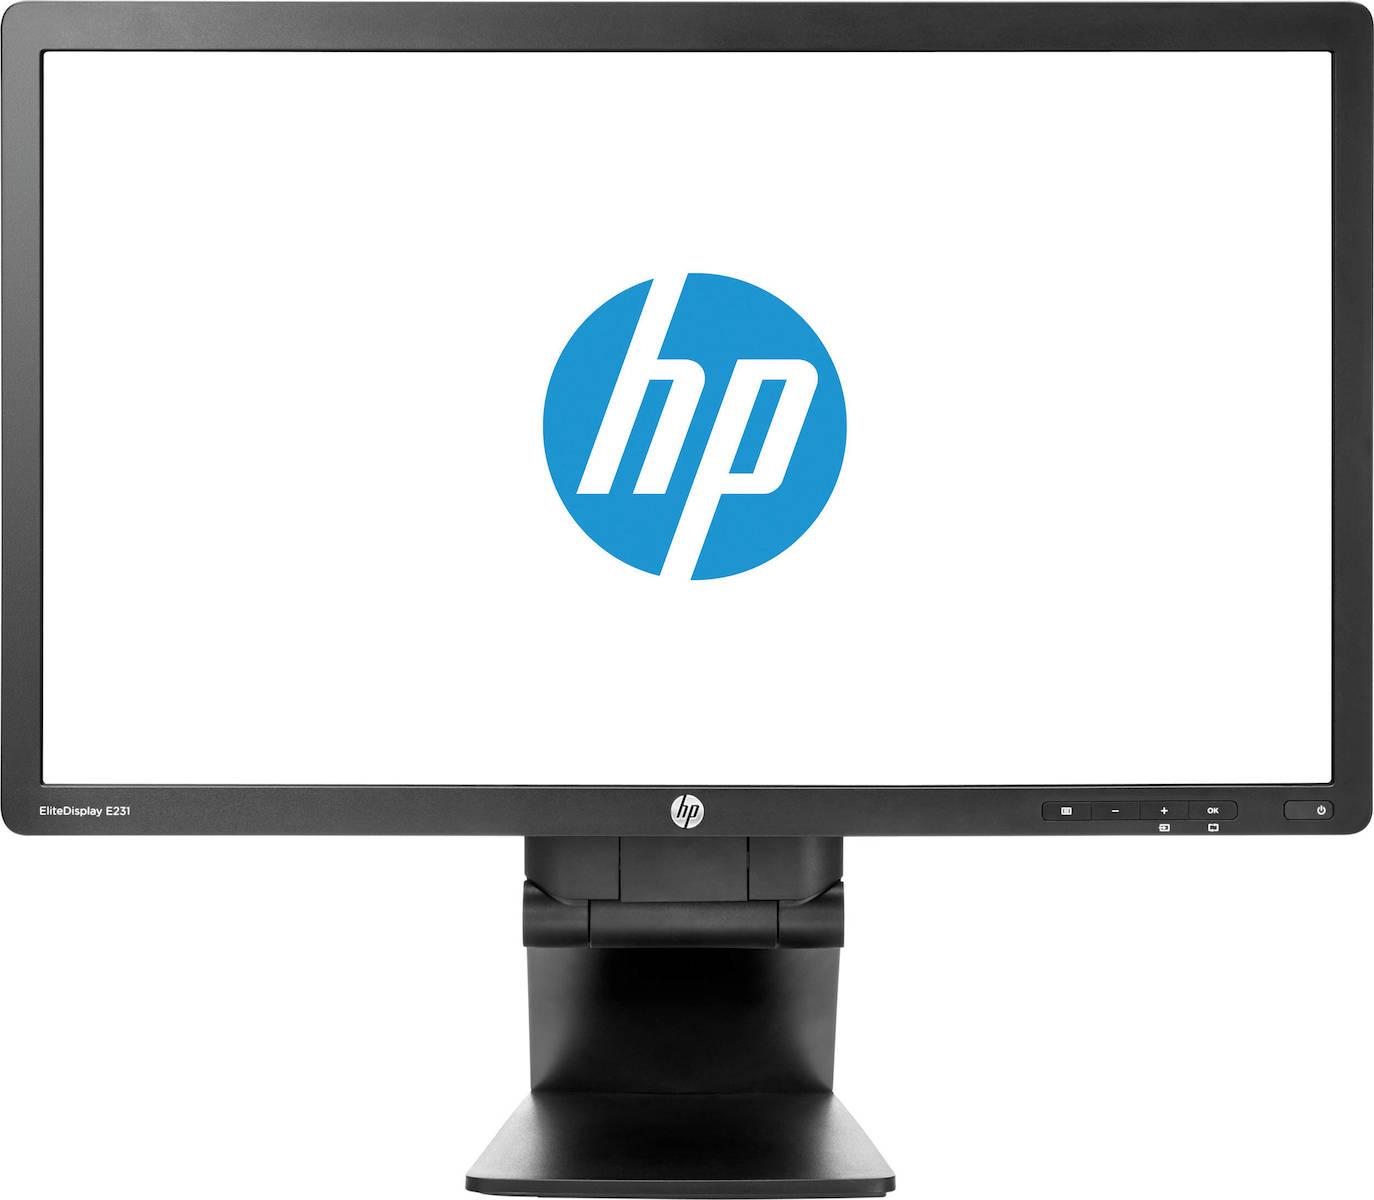 Οθόνη 23″ HP EliteDisplay E231 Full HD (1920 x 1080)